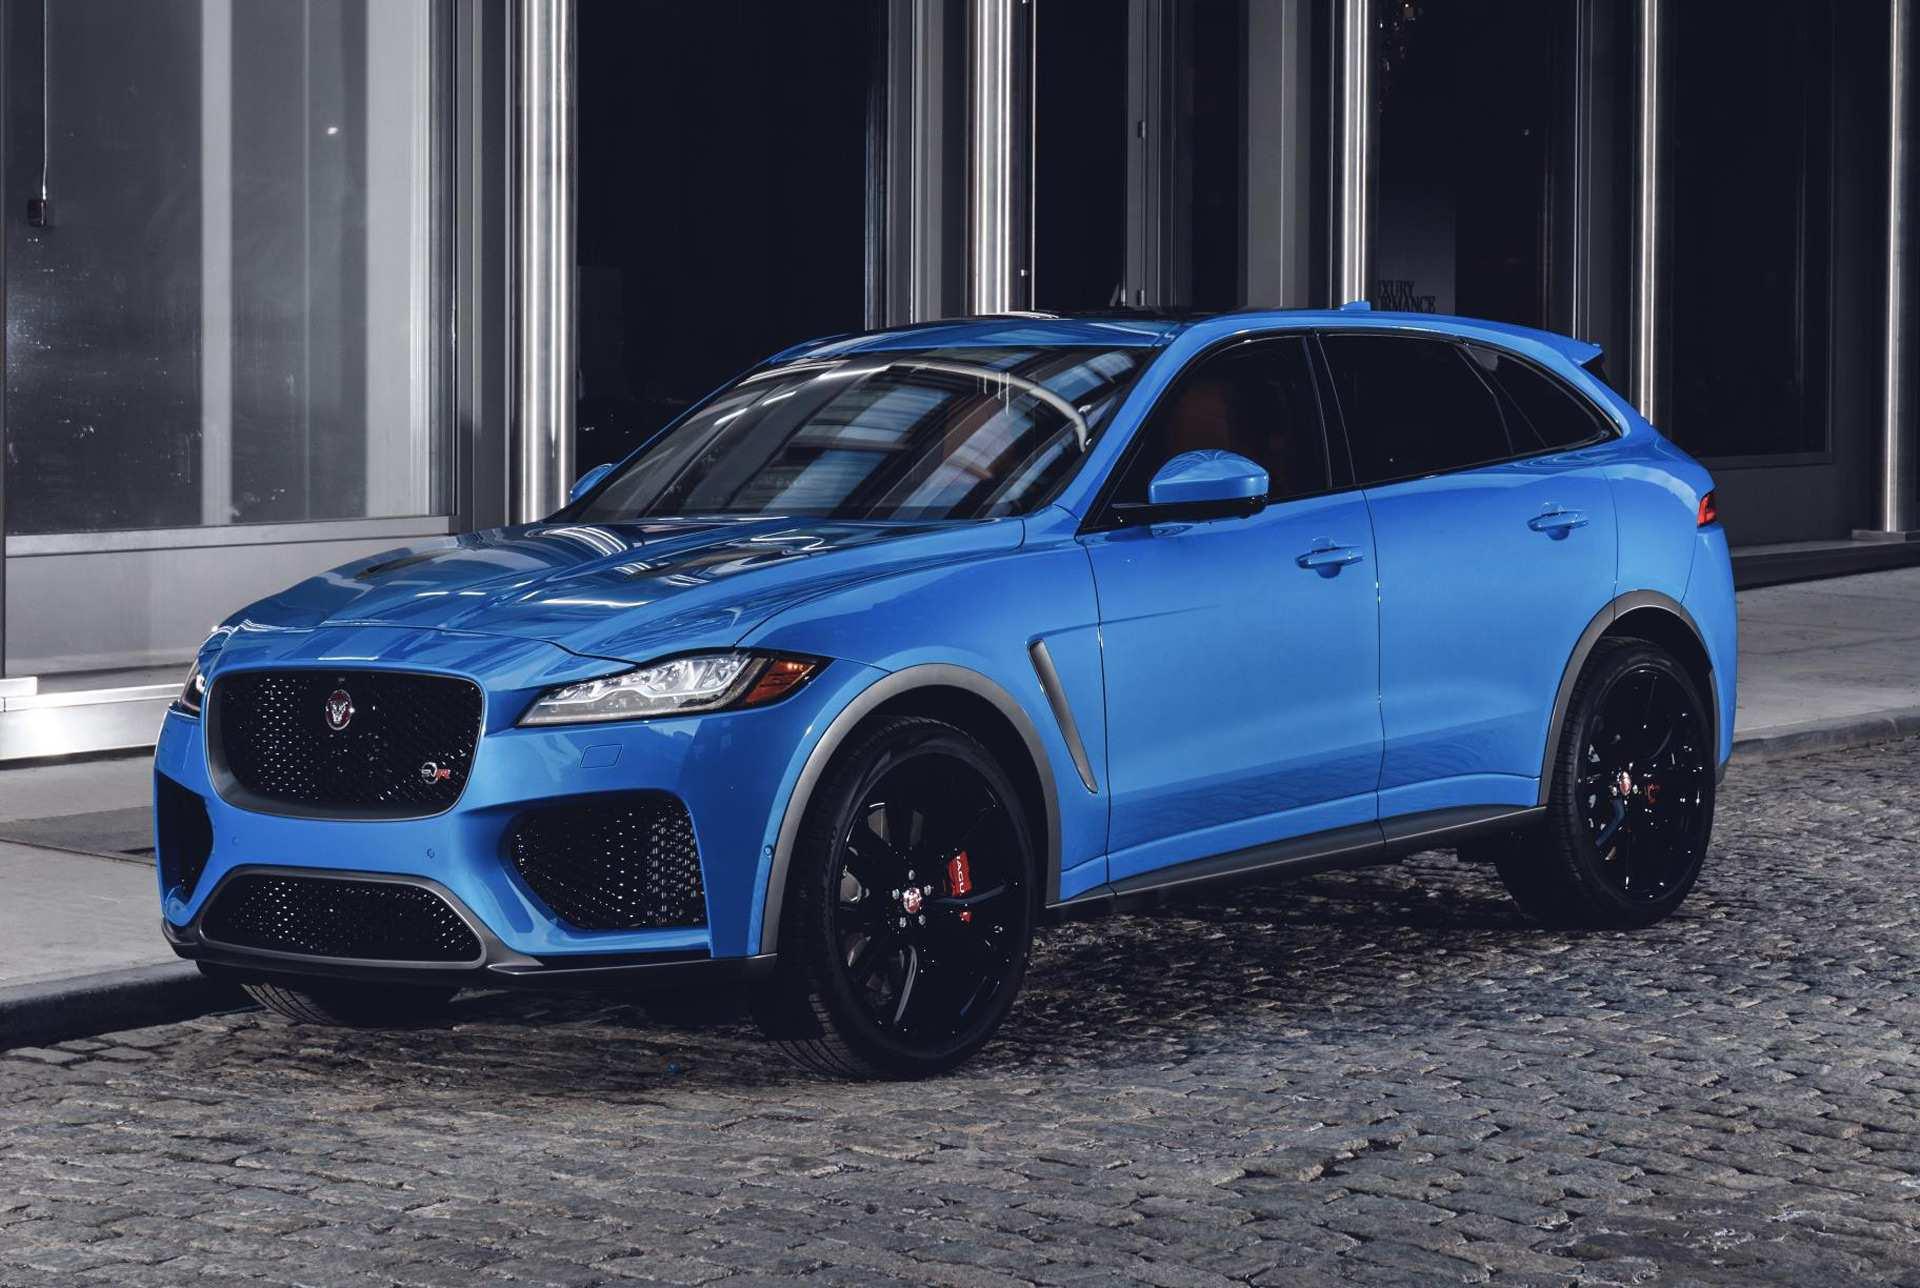 34 Concept of 2019 Jaguar Suv New Concept by 2019 Jaguar Suv